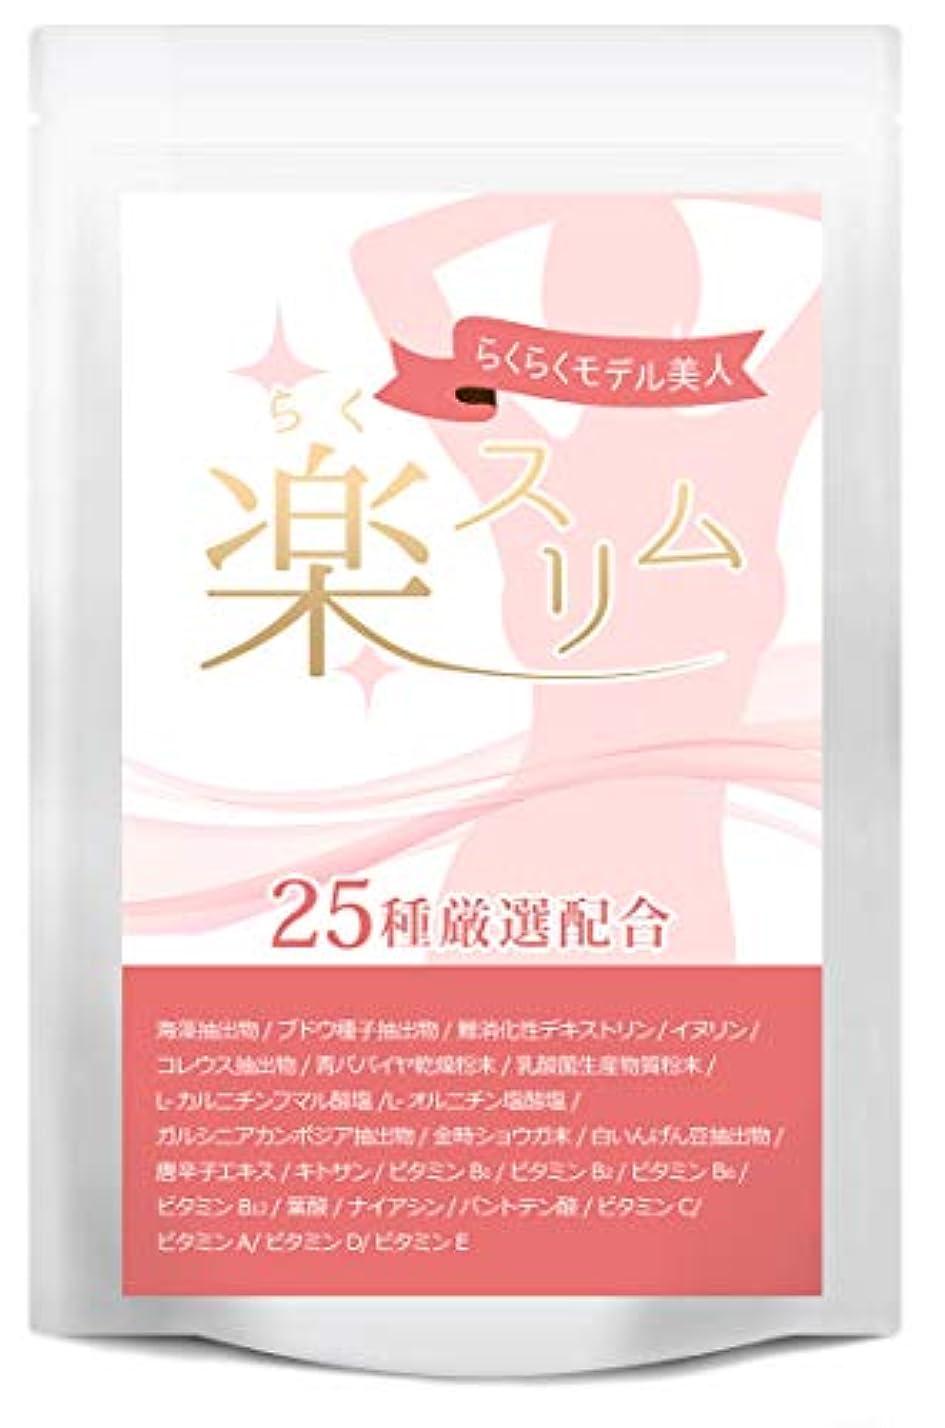 デザイナー控えるスローダイエット サプリ 楽スリム 燃焼系 サプリメント ダイエットサプリ 60粒30日分